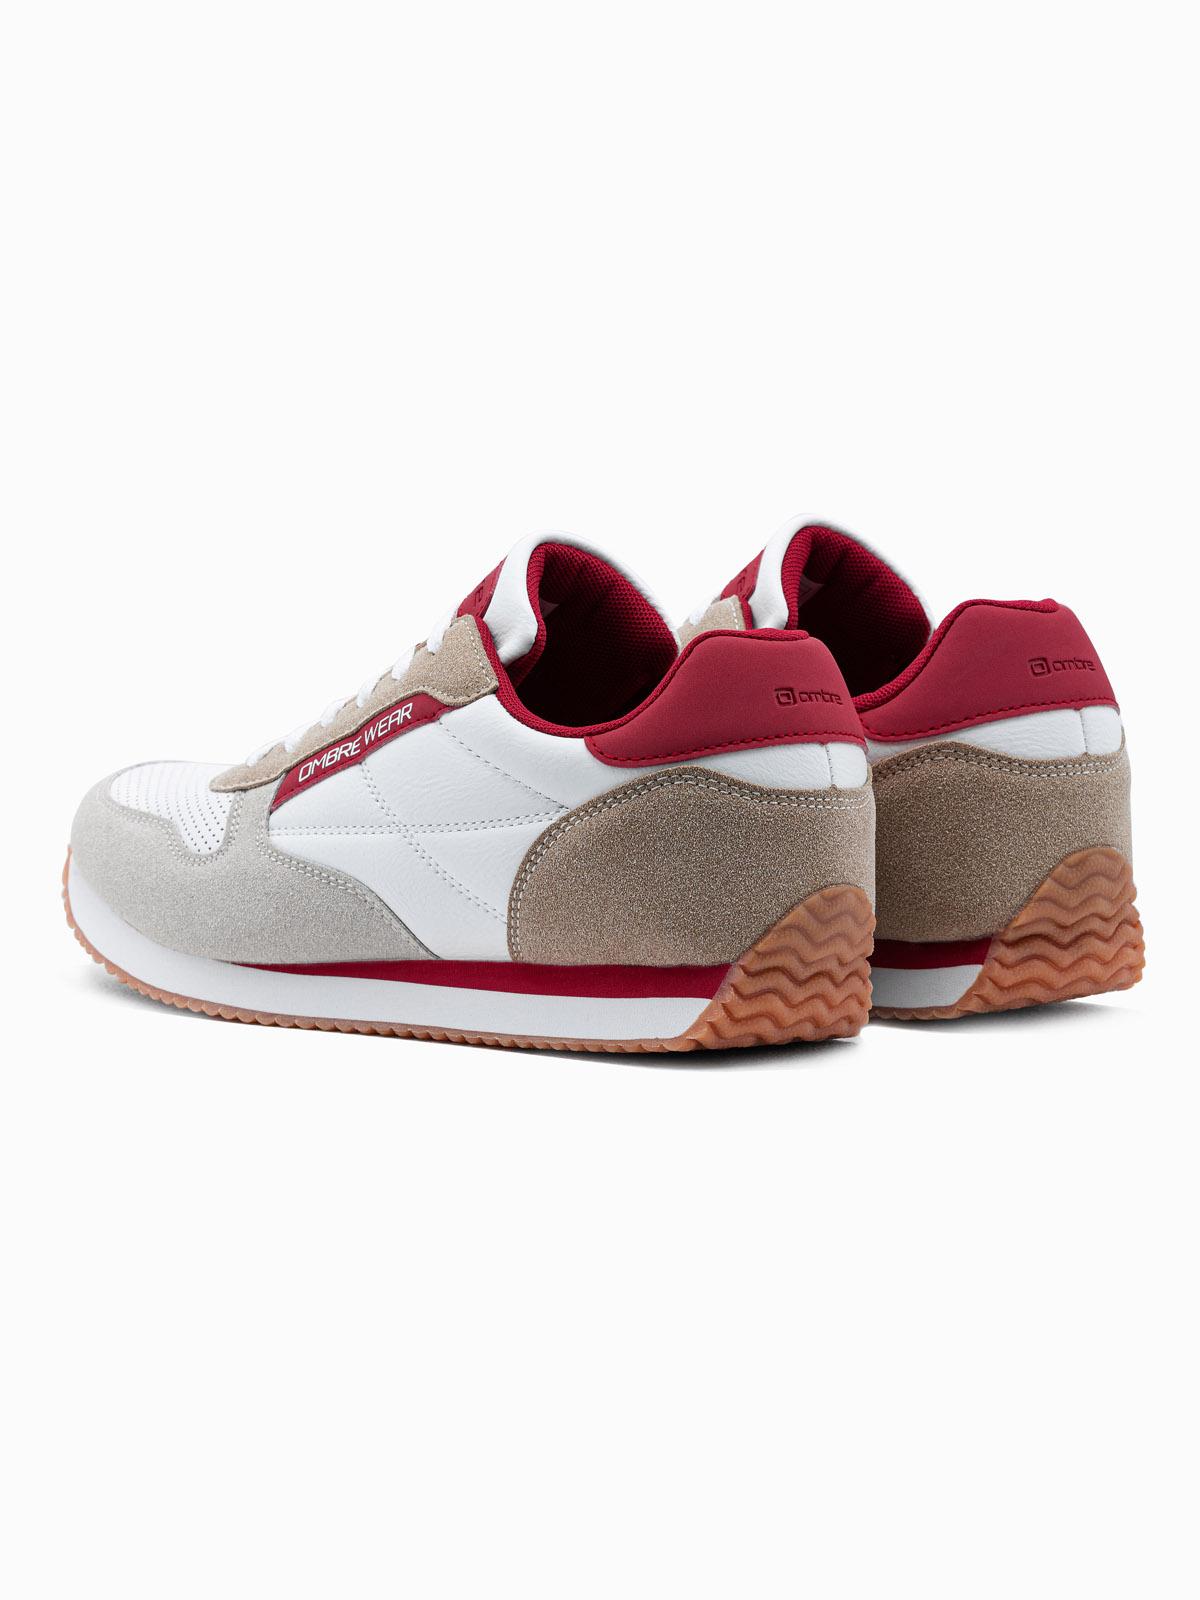 Купить со скидкой Взуття чоловіче кросівки T310 - бежеві